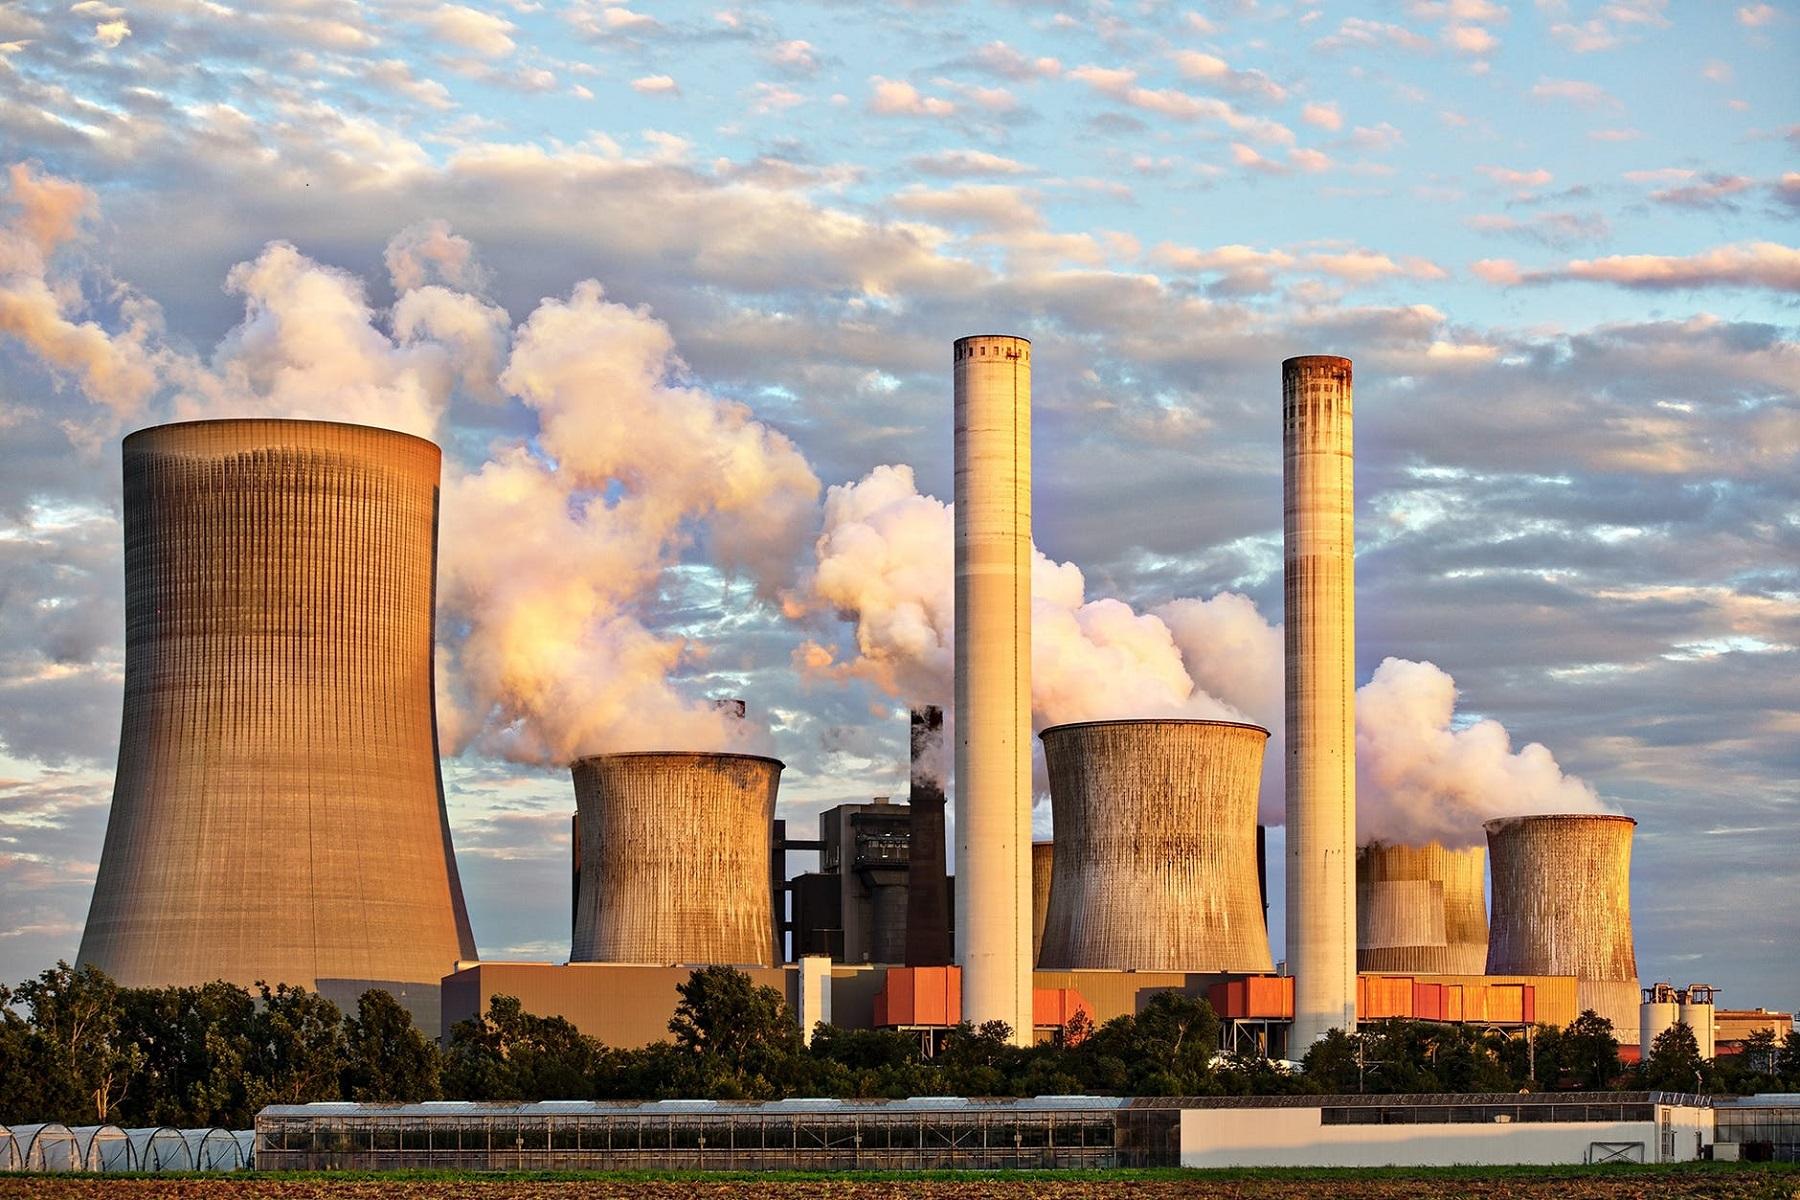 Αλτσχάιμερ Πάρκινσον: Έρευνα για σχέση με την ατμοσφαιρική ρύπανση